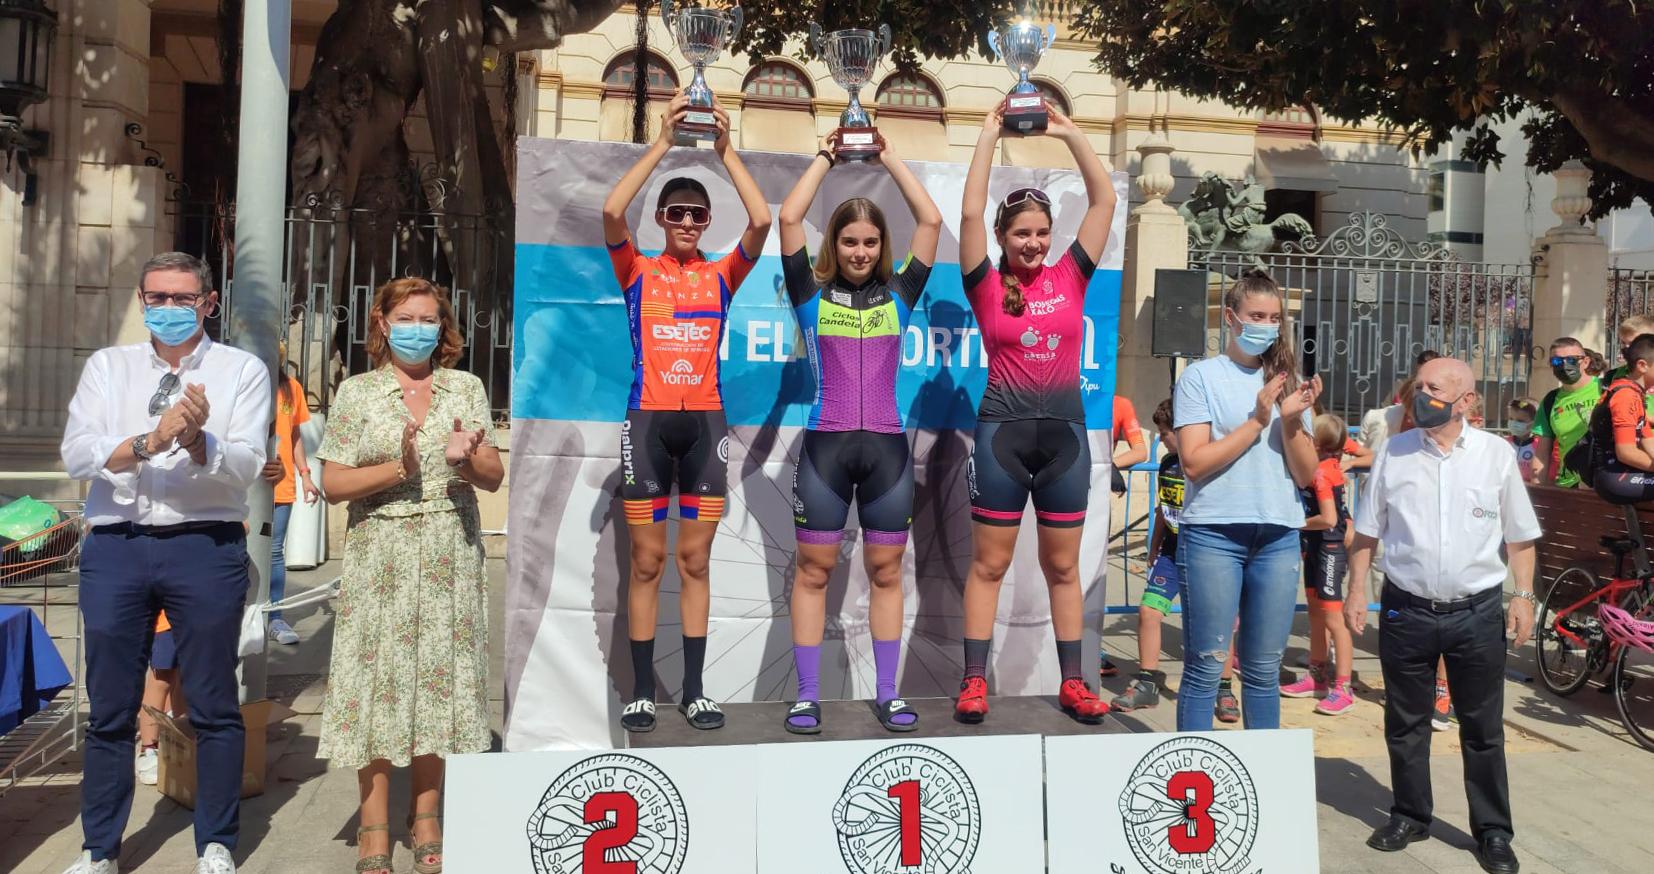 Leyre Toledo gana el Campeonato Provincial de Ciclismo tras una espectacular remontada en el Trofeo Diputación «Escuelas de Ciclismo»